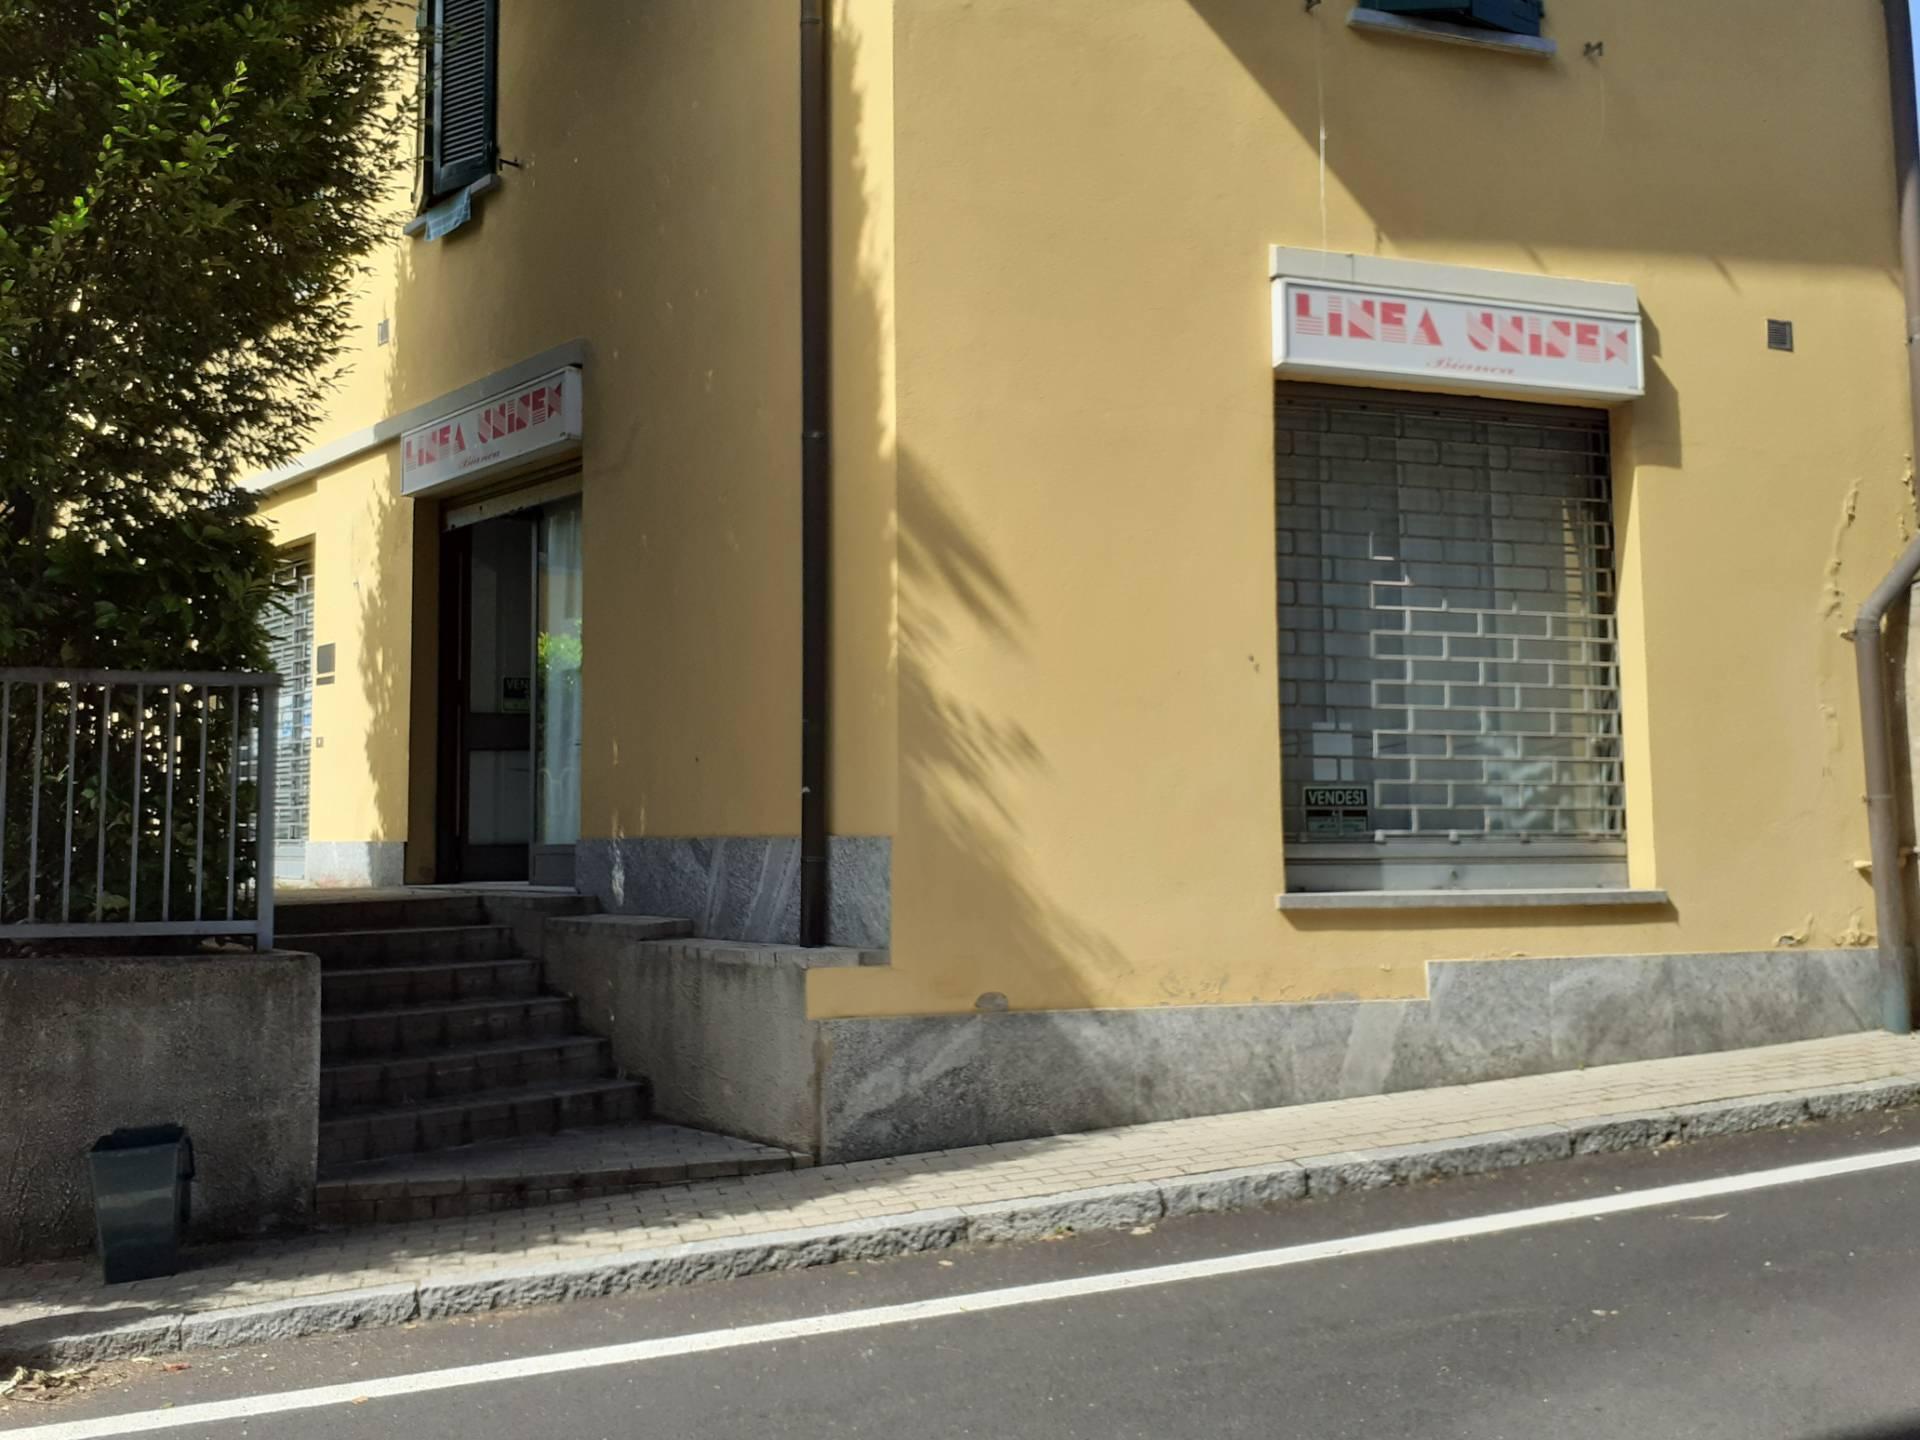 Negozio / Locale in vendita a Bizzarone, 9999 locali, prezzo € 35.000   PortaleAgenzieImmobiliari.it